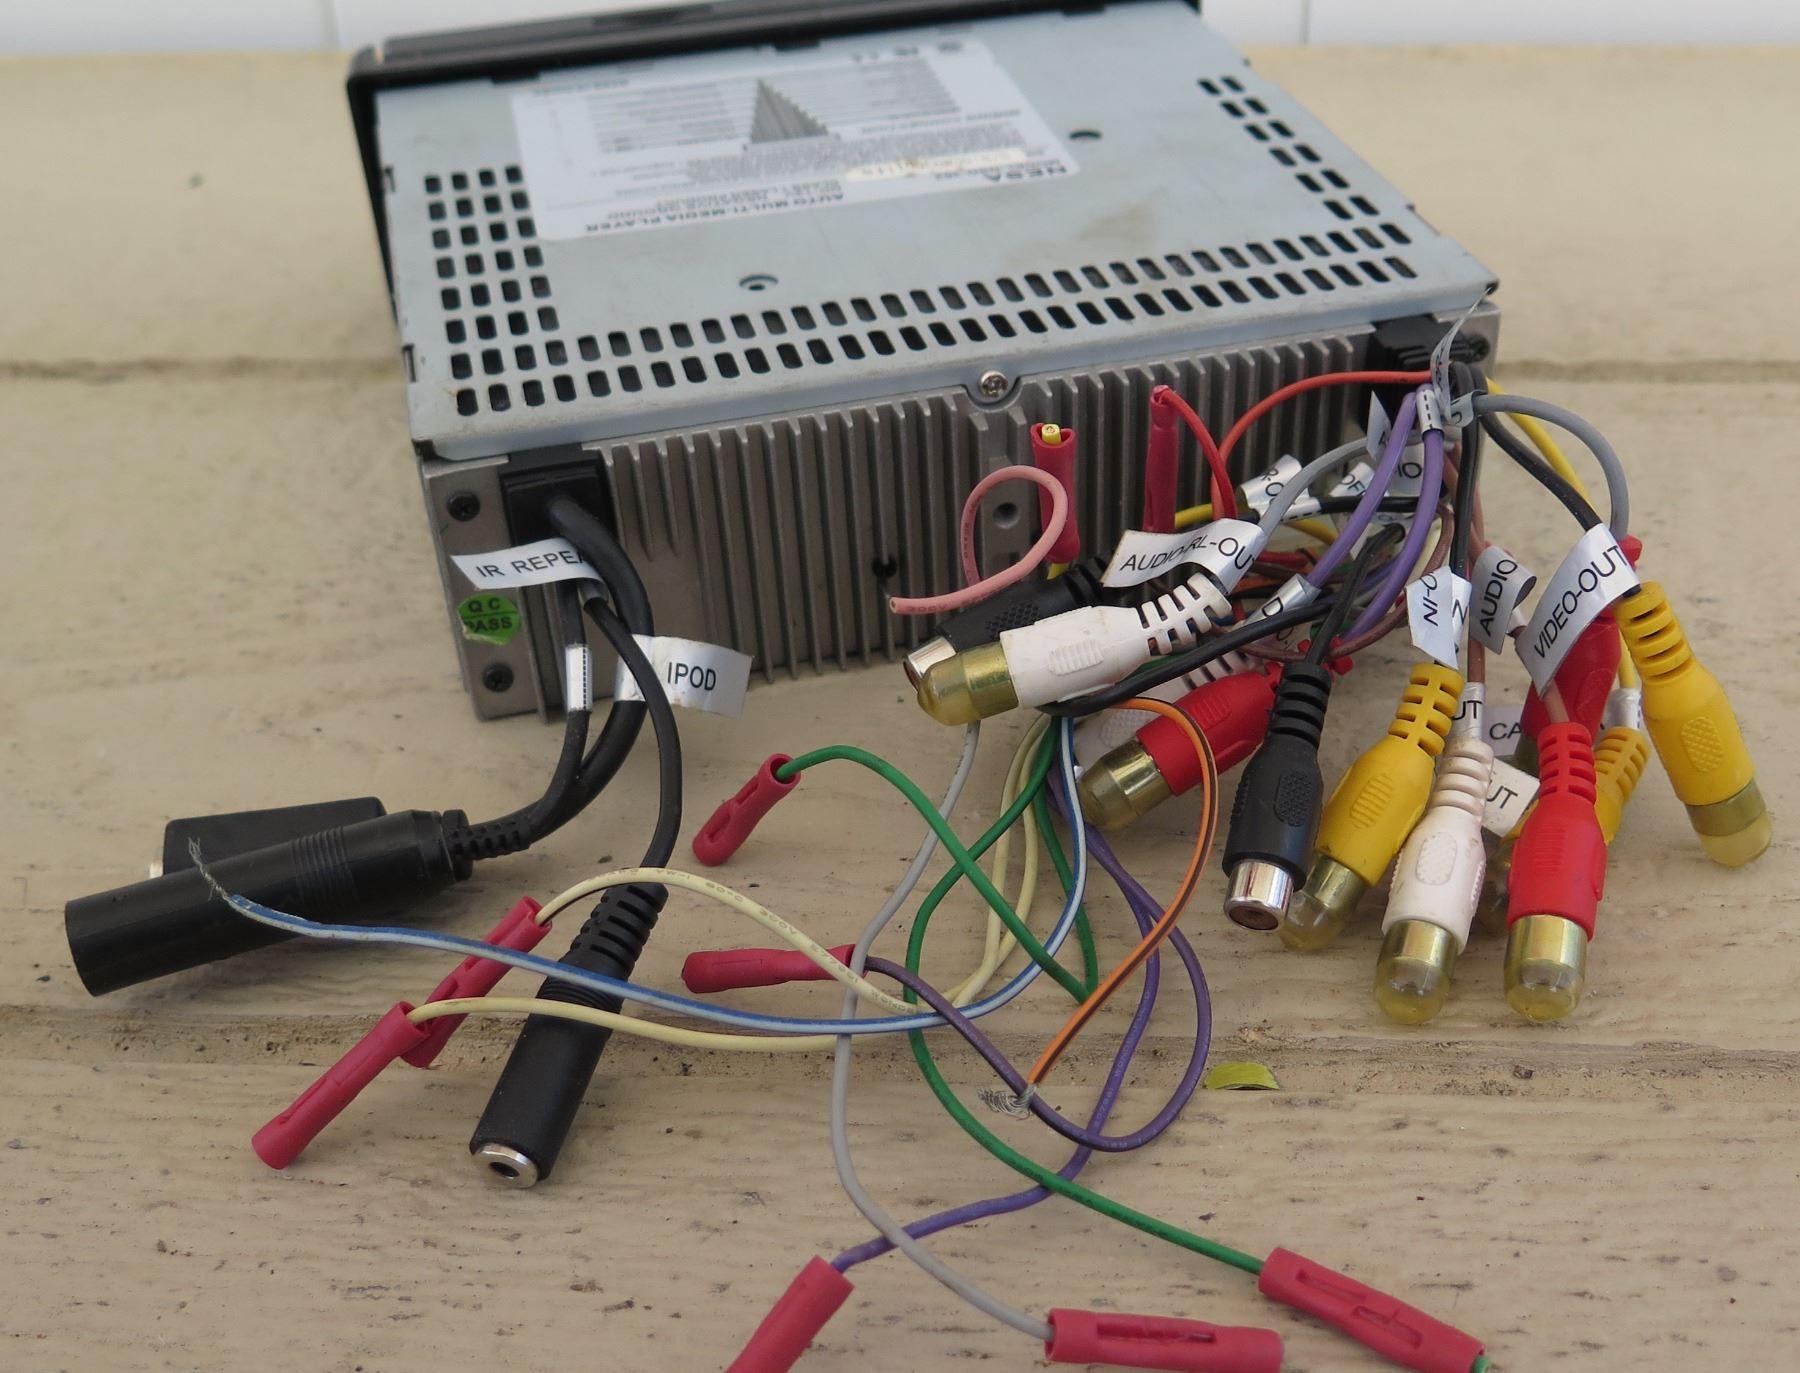 car audio kenwood dvd car deck, nesa multi media car deck 4 channel amp wiring diagram vr3 vra2 0 200 watts peak 2 channel car